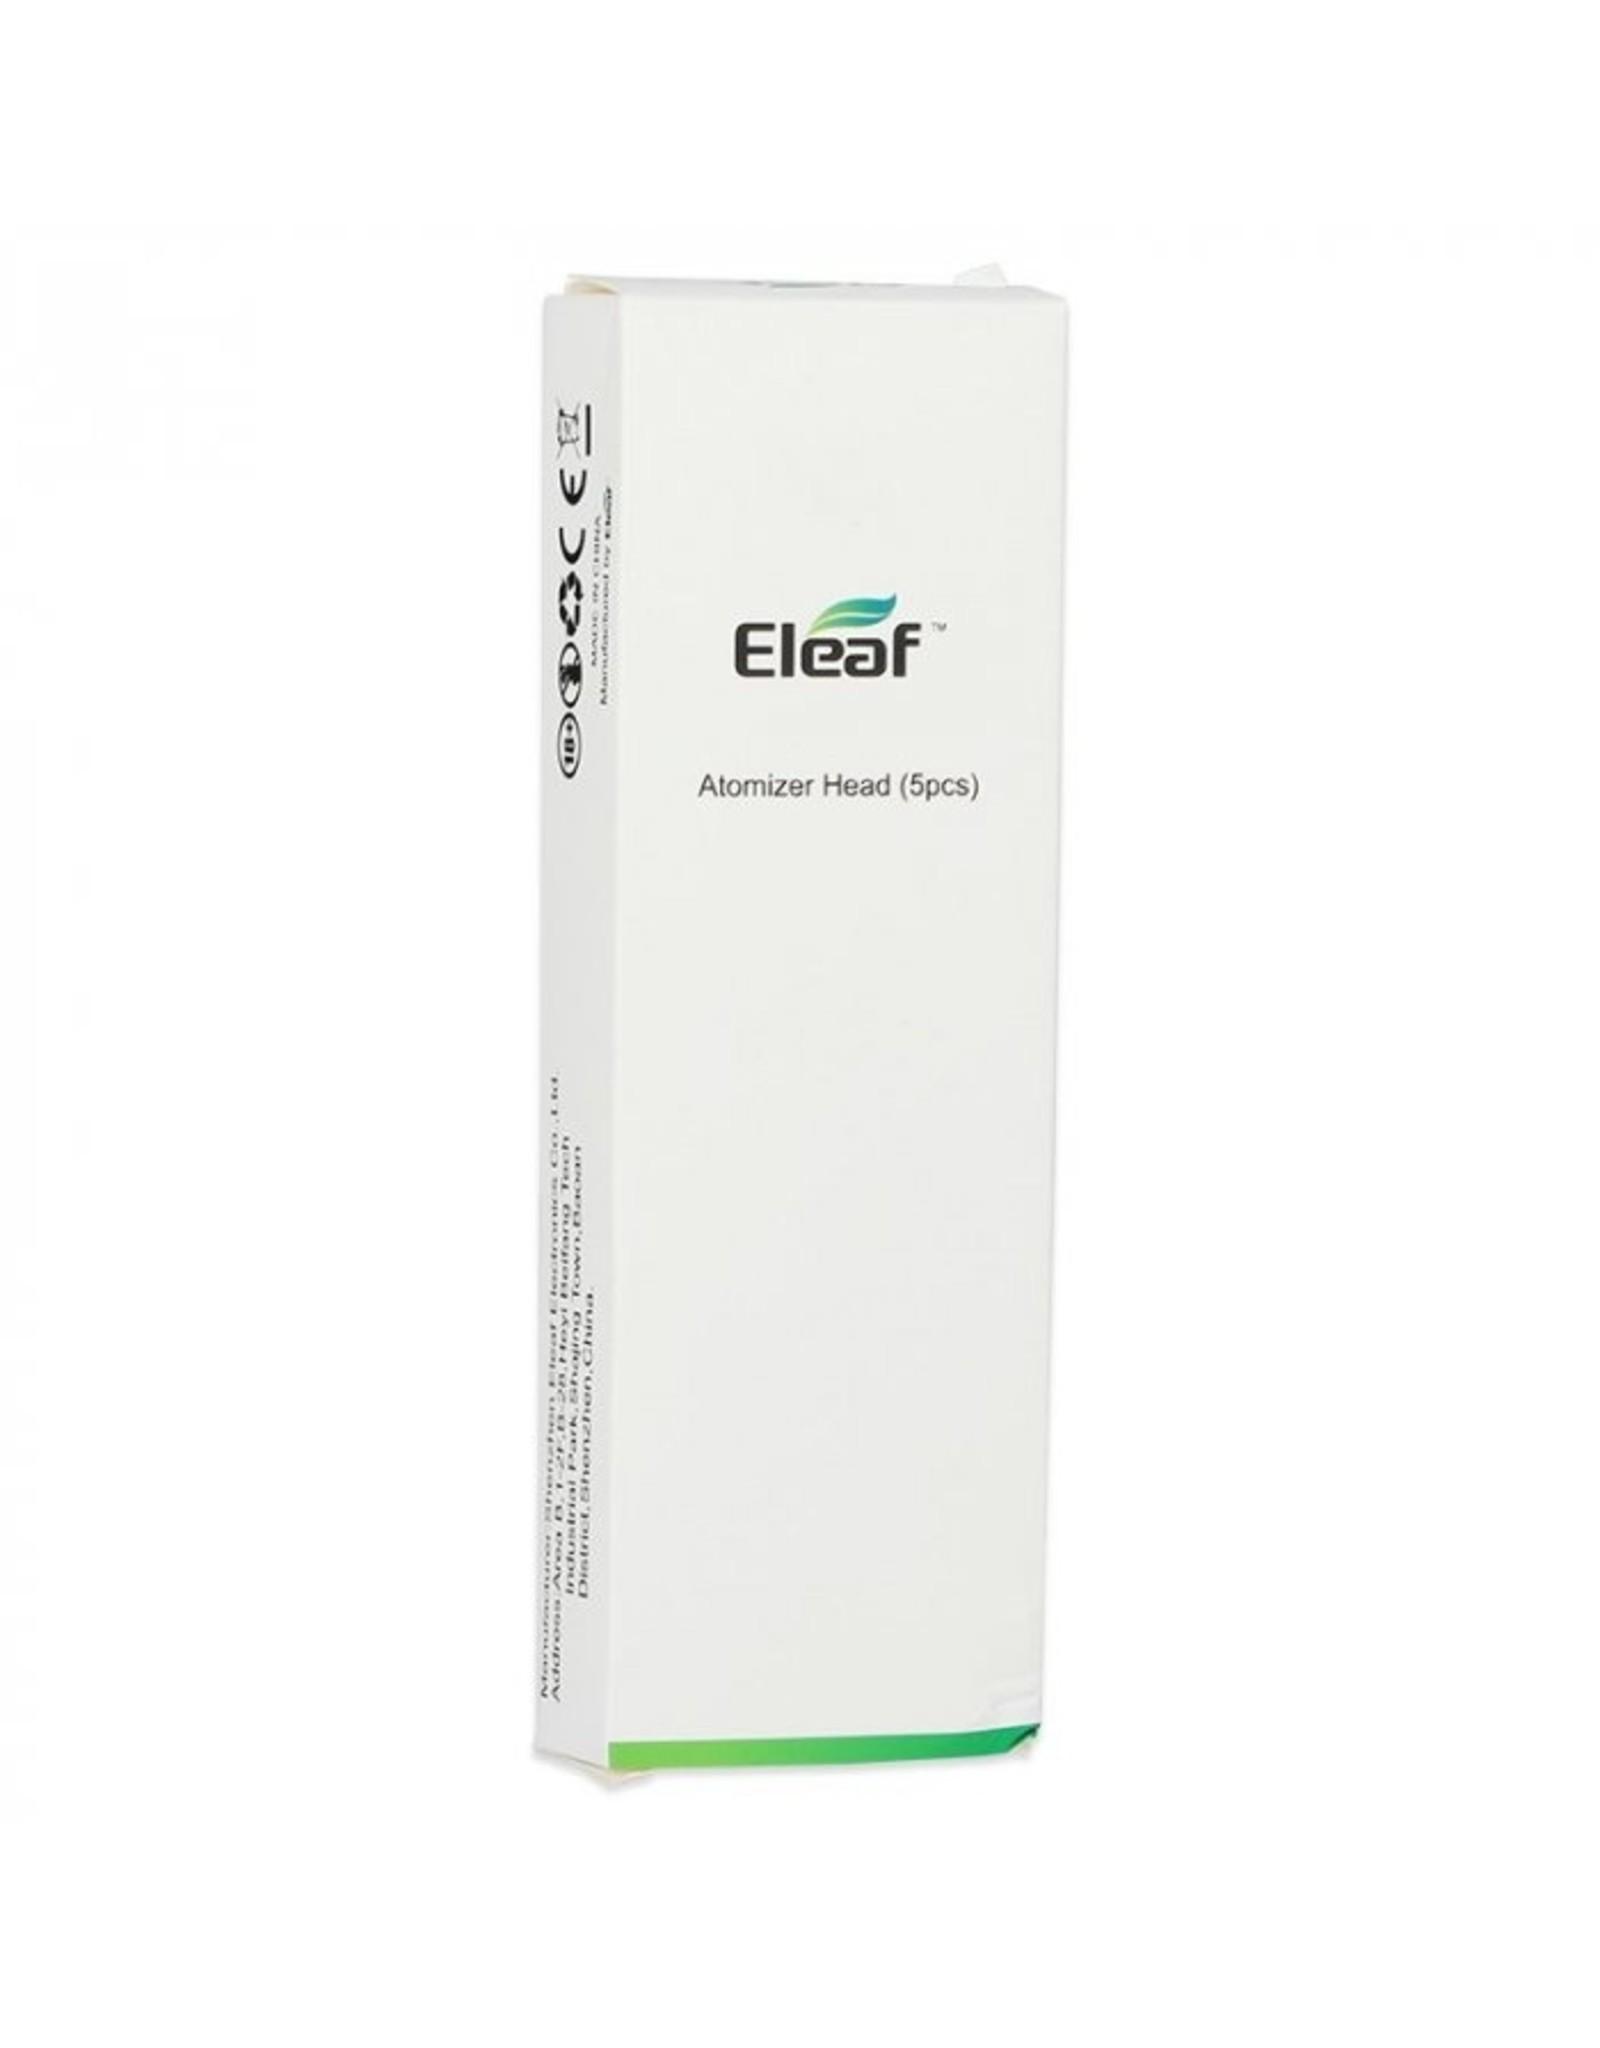 eLeaf Coils (5x)